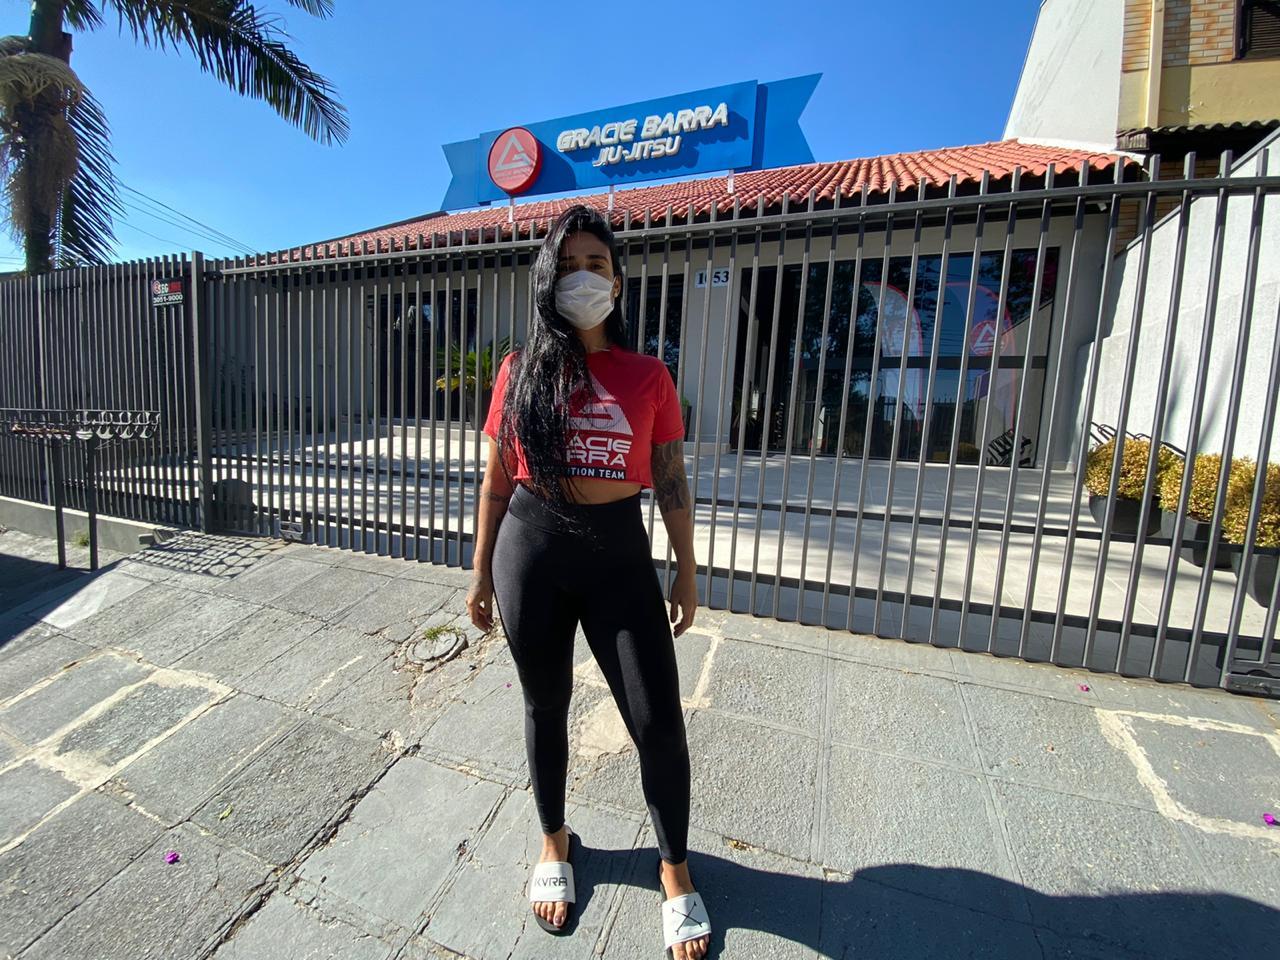 Gracie Barra Praná teacher Nika Schwinden talks about Gym opening